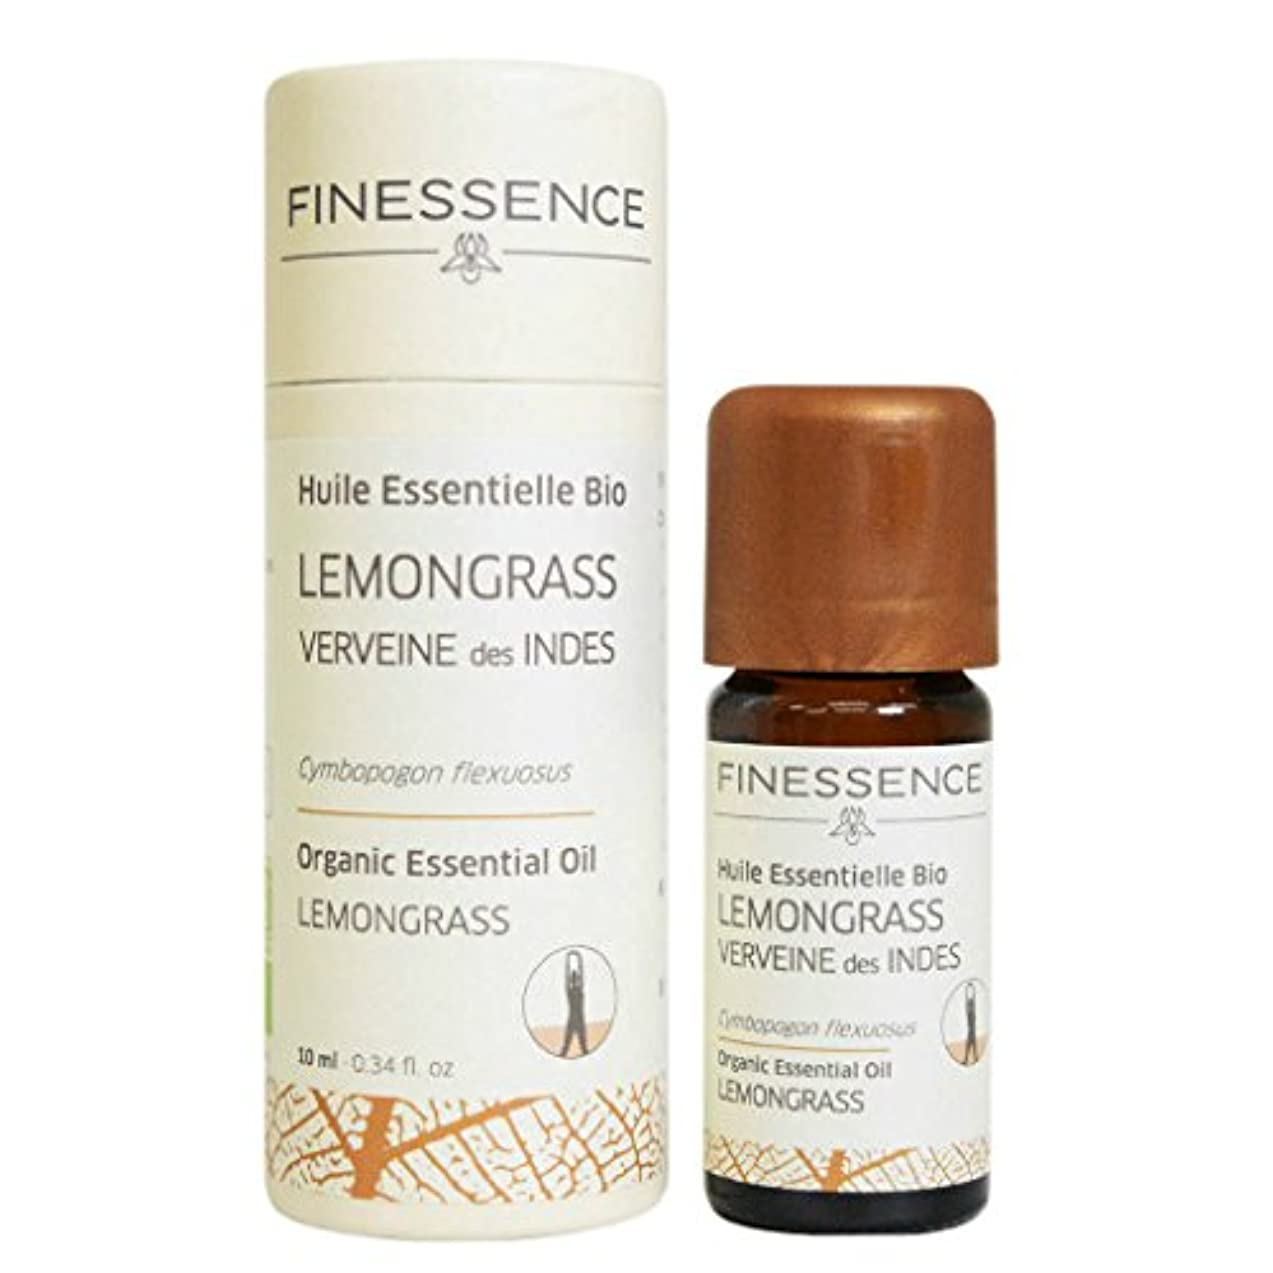 リレーリズム不純フィネッサンス (FINESSENCE) オーガニックエッセンシャルオイル レモングラス 10ml